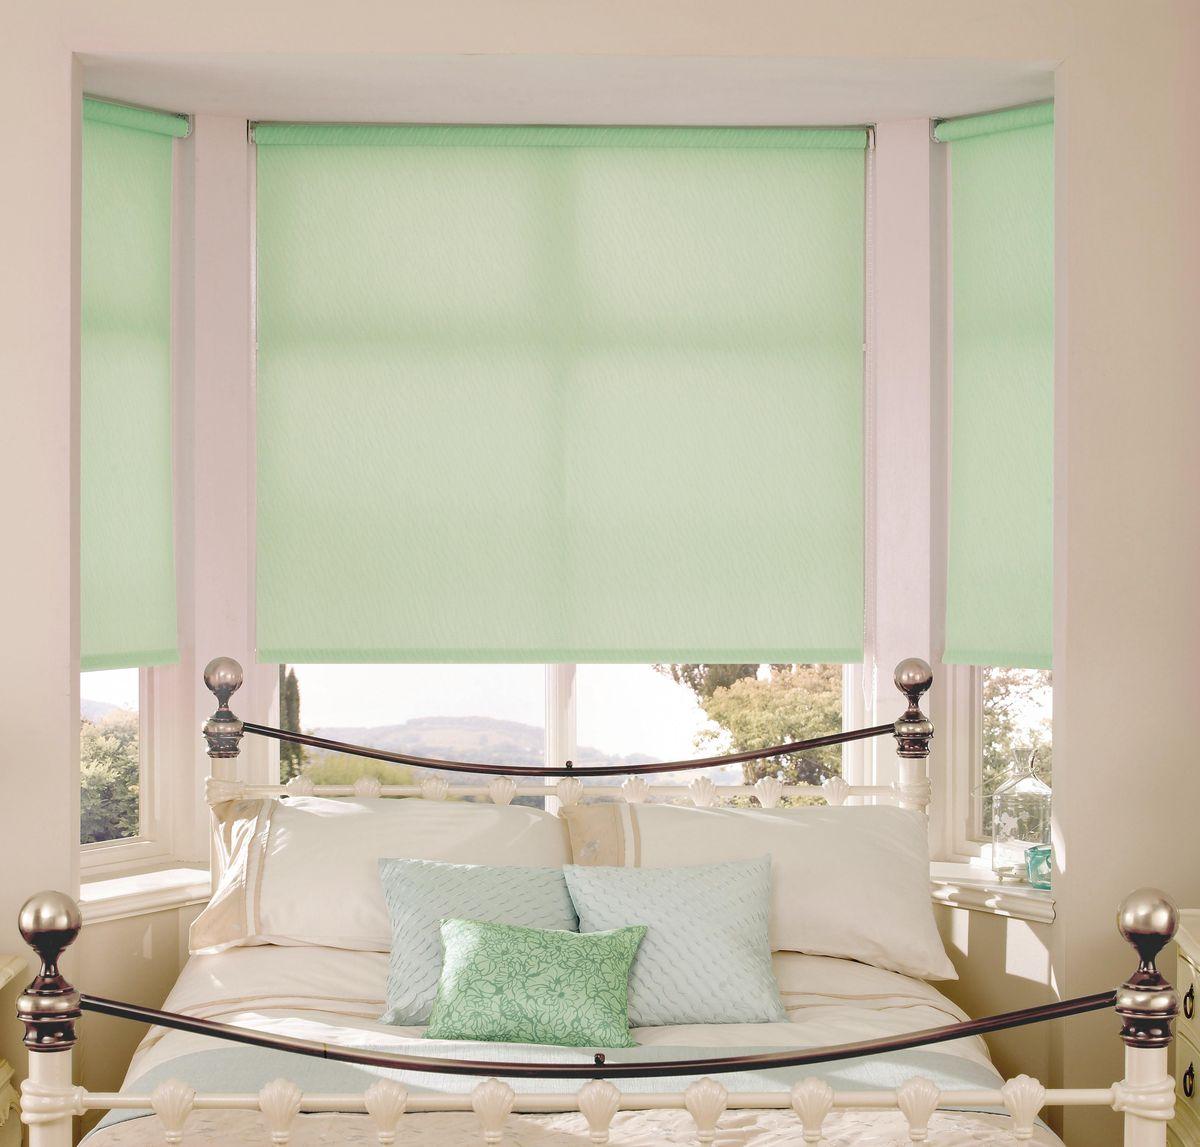 Штора рулонная Эскар, цвет: светло-зеленый, ширина 180 см, высота 170 см81017180170Рулонными шторами можно оформлять окна как самостоятельно, так и использовать в комбинации с портьерами. Это поможет предотвратить выгорание дорогой ткани на солнце и соединит функционал рулонных с красотой навесных. Преимущества применения рулонных штор для пластиковых окон: - имеют прекрасный внешний вид: многообразие и фактурность материала изделия отлично смотрятся в любом интерьере; - многофункциональны: есть возможность подобрать шторы способные эффективно защитить комнату от солнца, при этом она не будет слишком темной. - Есть возможность осуществить быстрый монтаж. ВНИМАНИЕ! Размеры ширины изделия указаны по ширине ткани! Во время эксплуатации не рекомендуется полностью разматывать рулон, чтобы не оторвать ткань от намоточного вала. В случае загрязнения поверхности ткани, чистку шторы проводят одним из способов, в зависимости от типа загрязнения: легкое поверхностное загрязнение можно удалить при помощи канцелярского ластика; чистка от пыли производится сухим методом при...